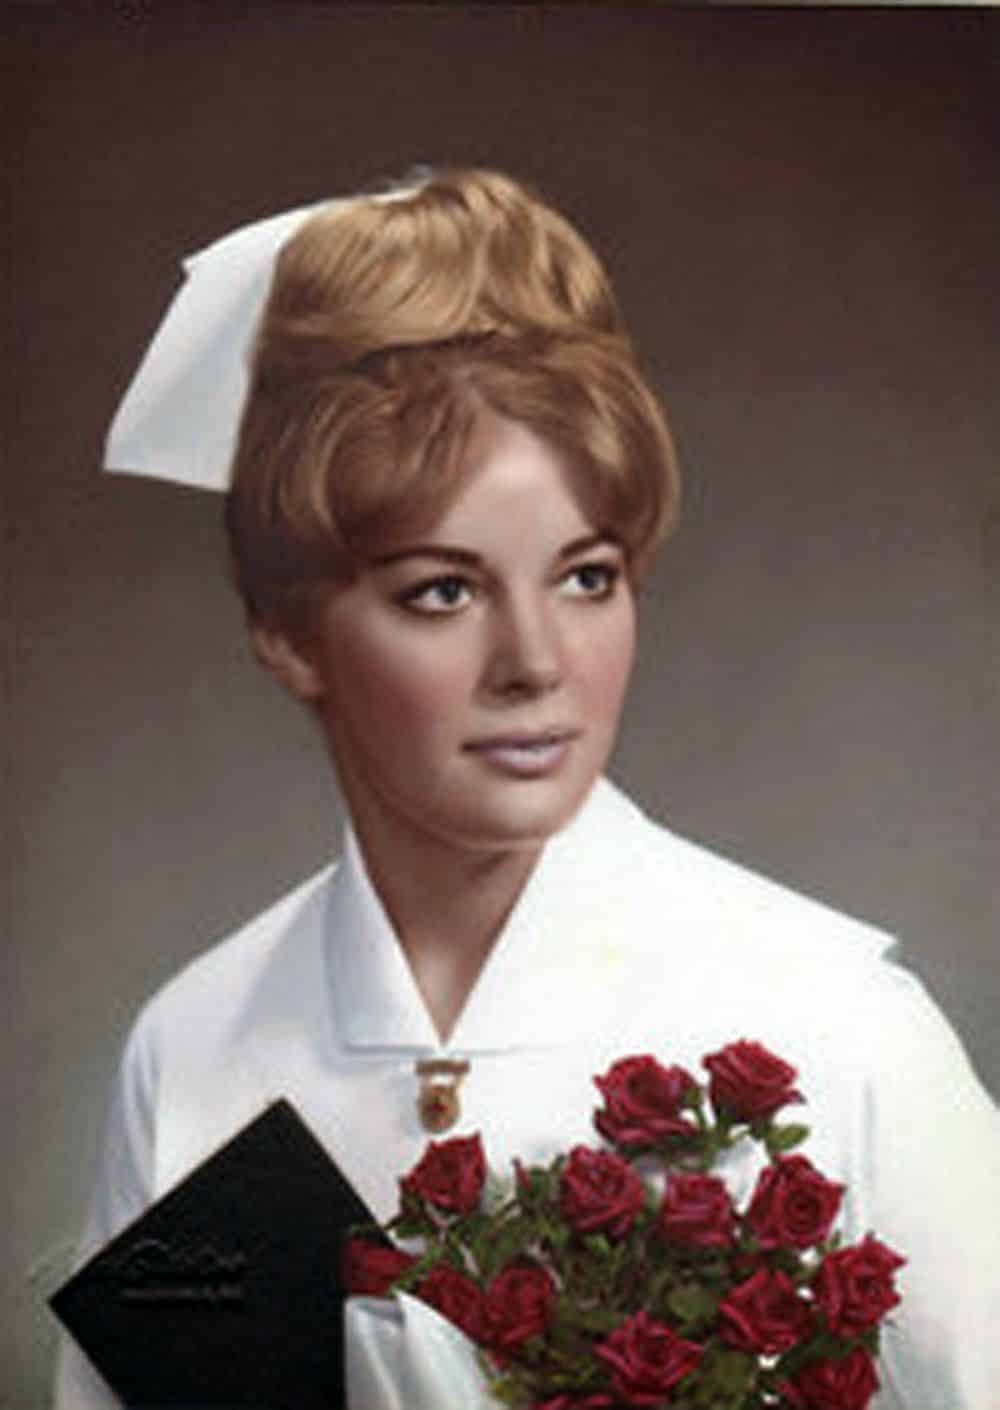 Cindy James, quem foi? História do assassinato da enfermeira